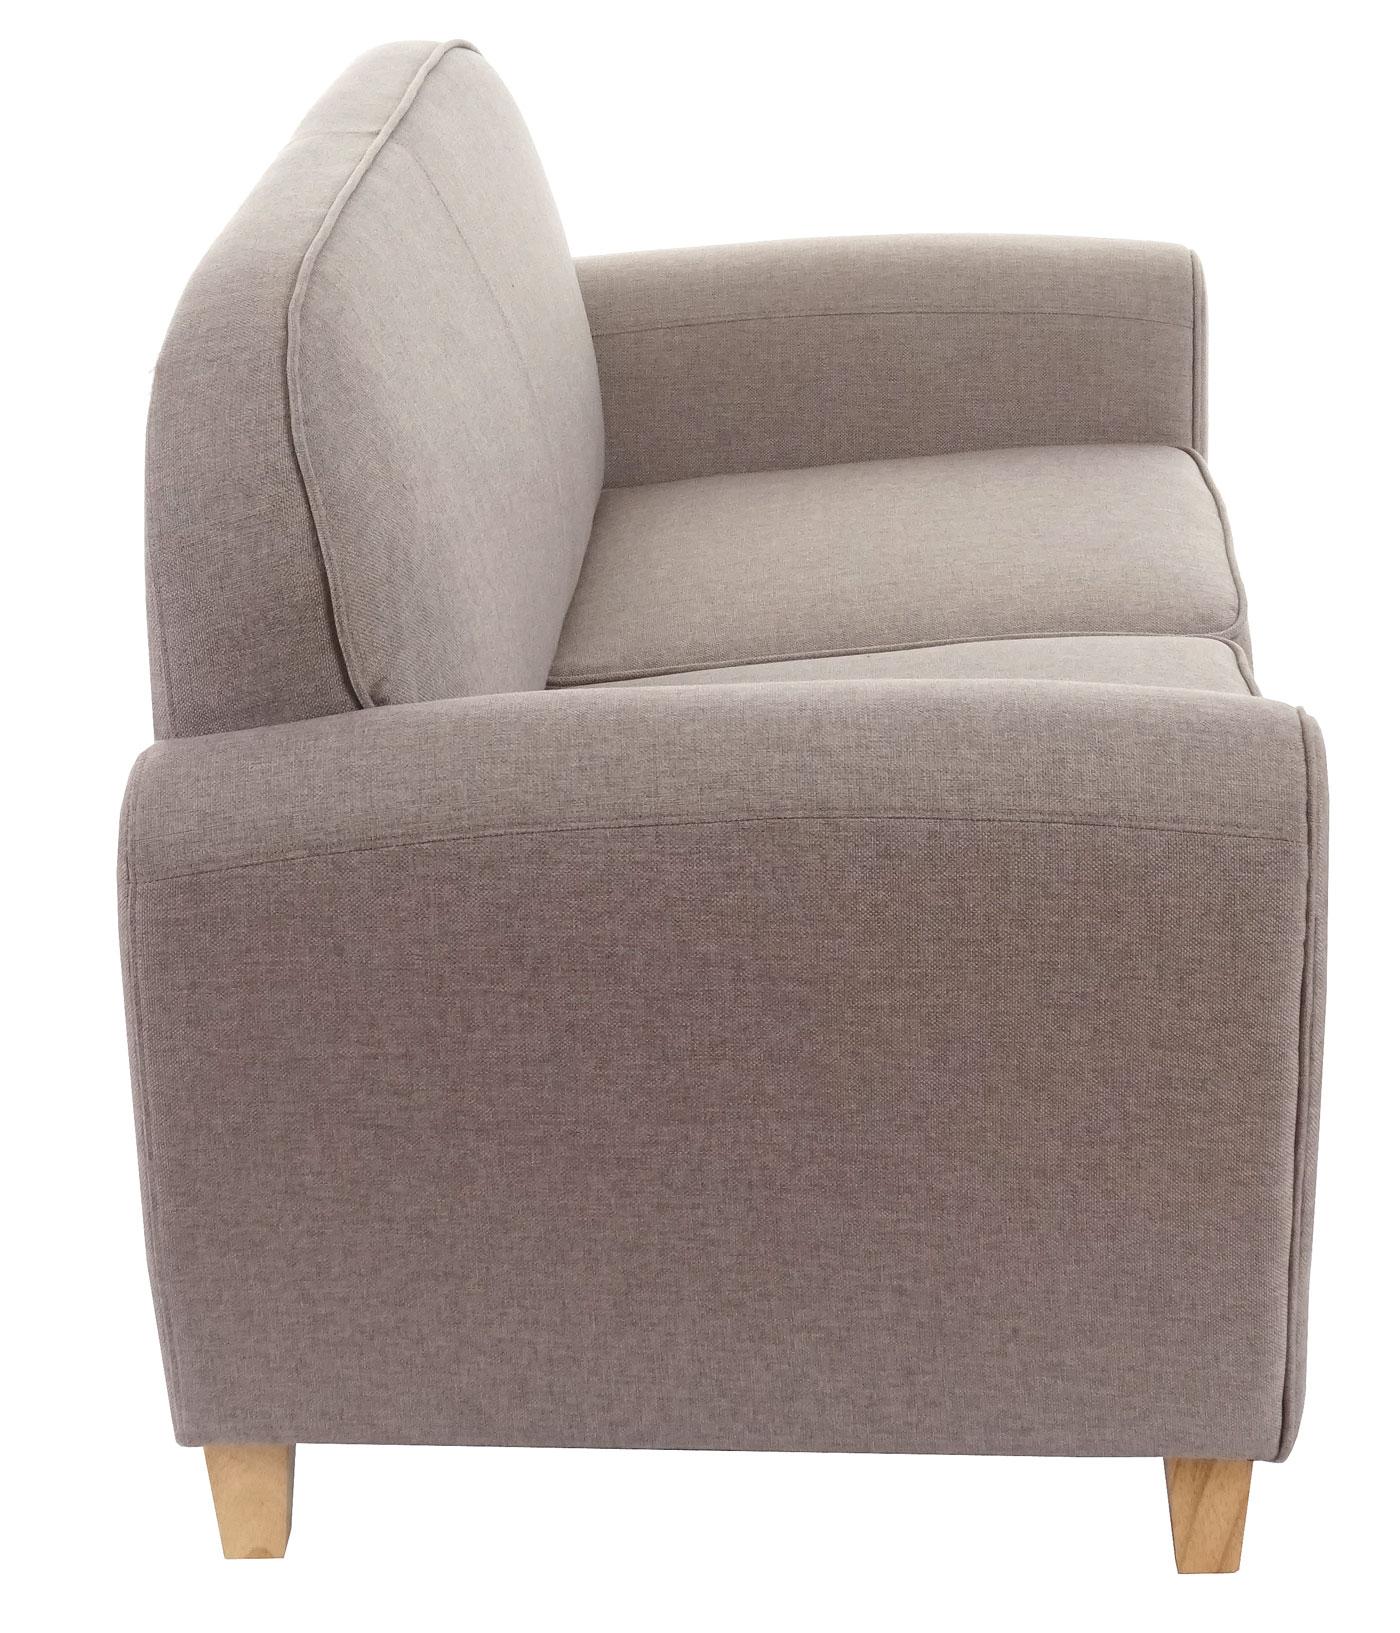 Beeindruckend 2er Sofa Günstig Beste Wahl Malmö T377, Loungesofa Couch, Retro 50er Jahre